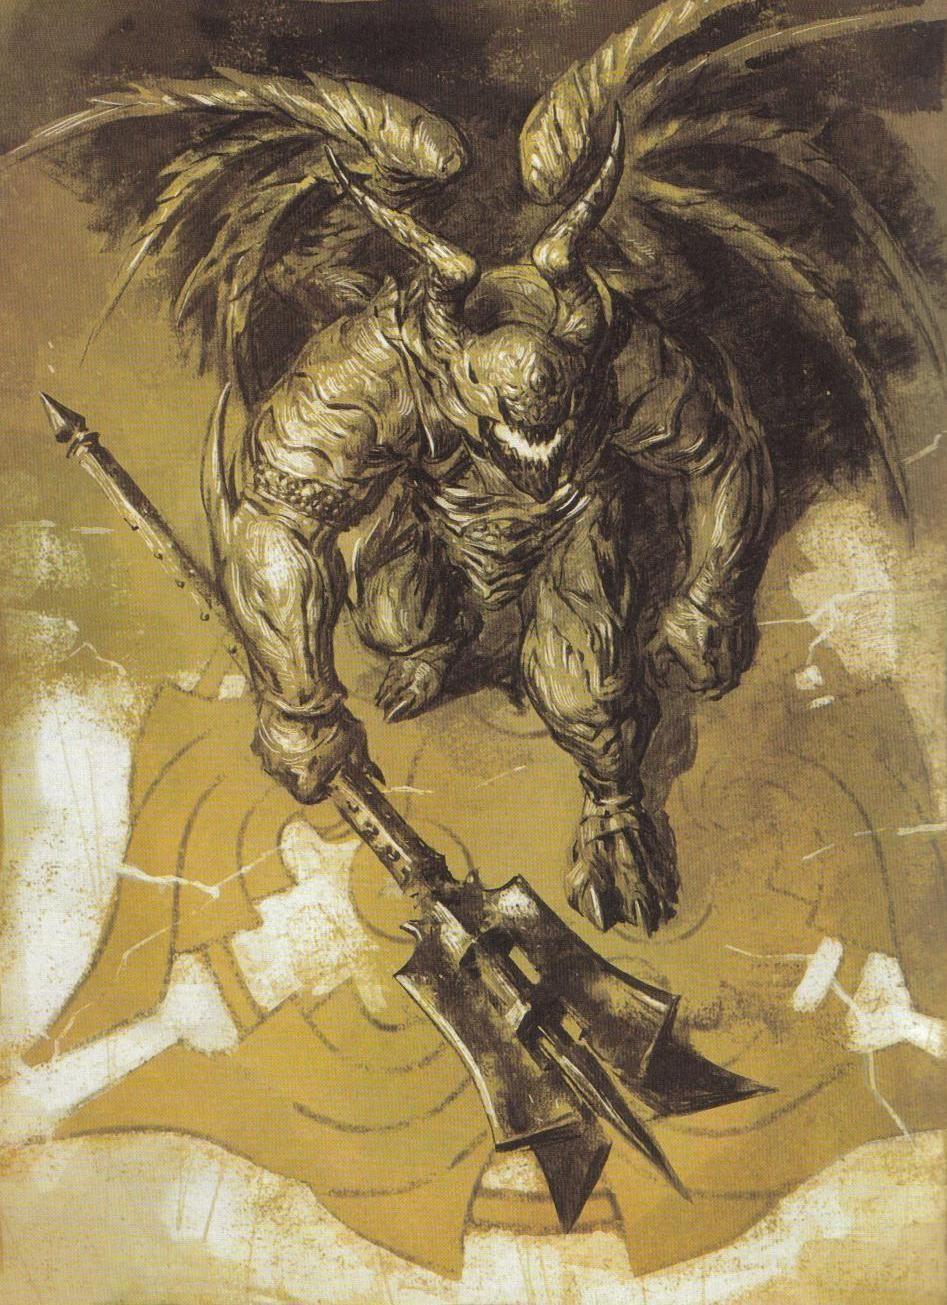 ¿Durante que batalla se produjo la captura de Izual  que lo llevó tras años de tortura  al lado de los demonios?